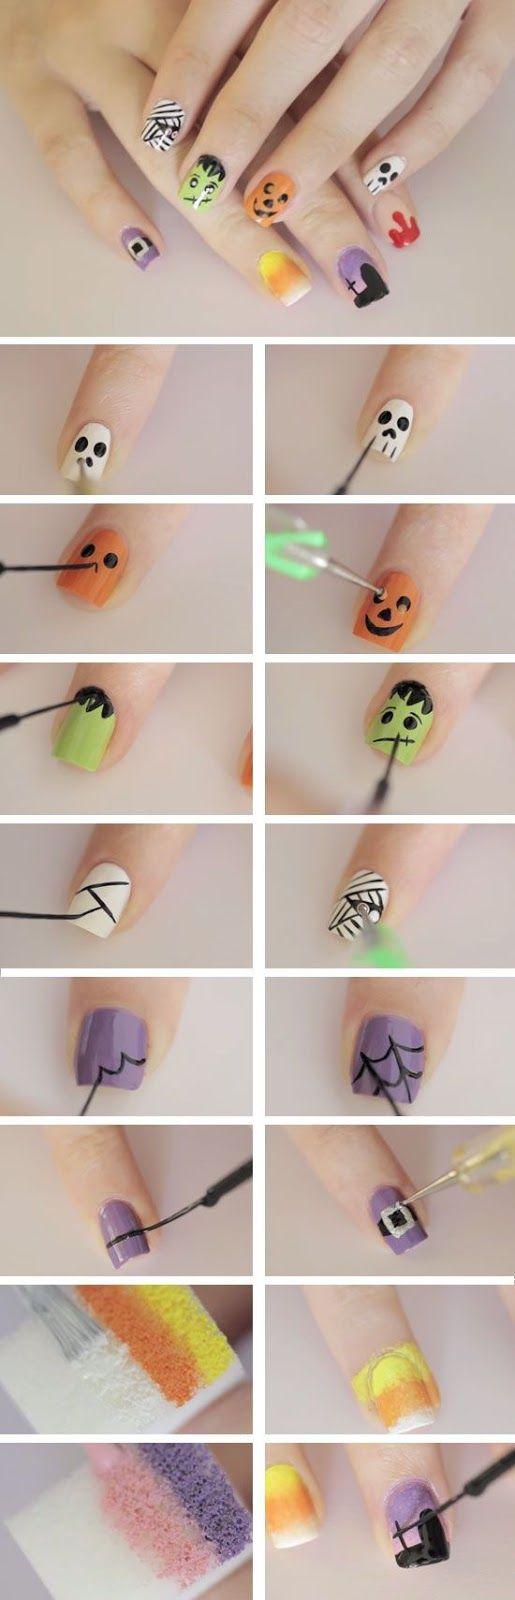 Cadılar Bayramı (Hallowen) Nail Art Örnekleri